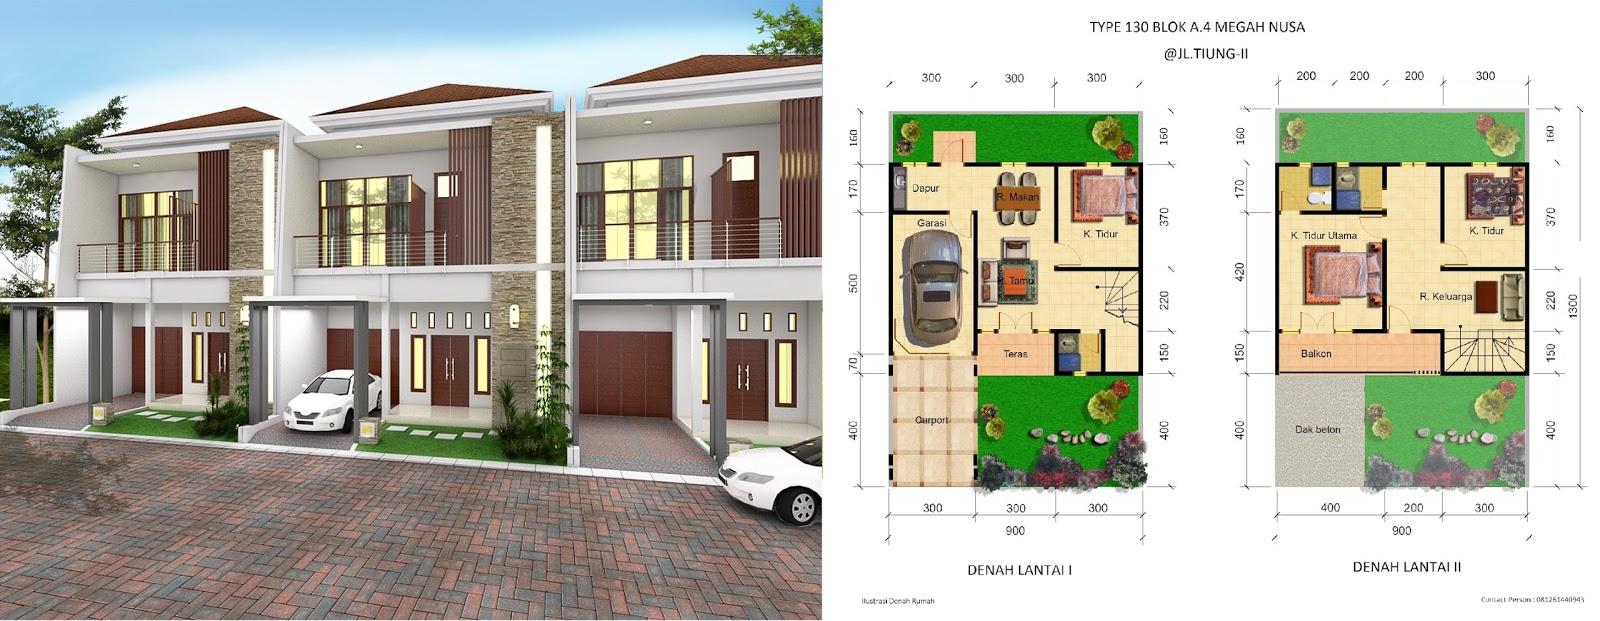 Dijual Rumah Mewah Cantik Type 130 Di Tengah Kota Pekanbaru Jalan